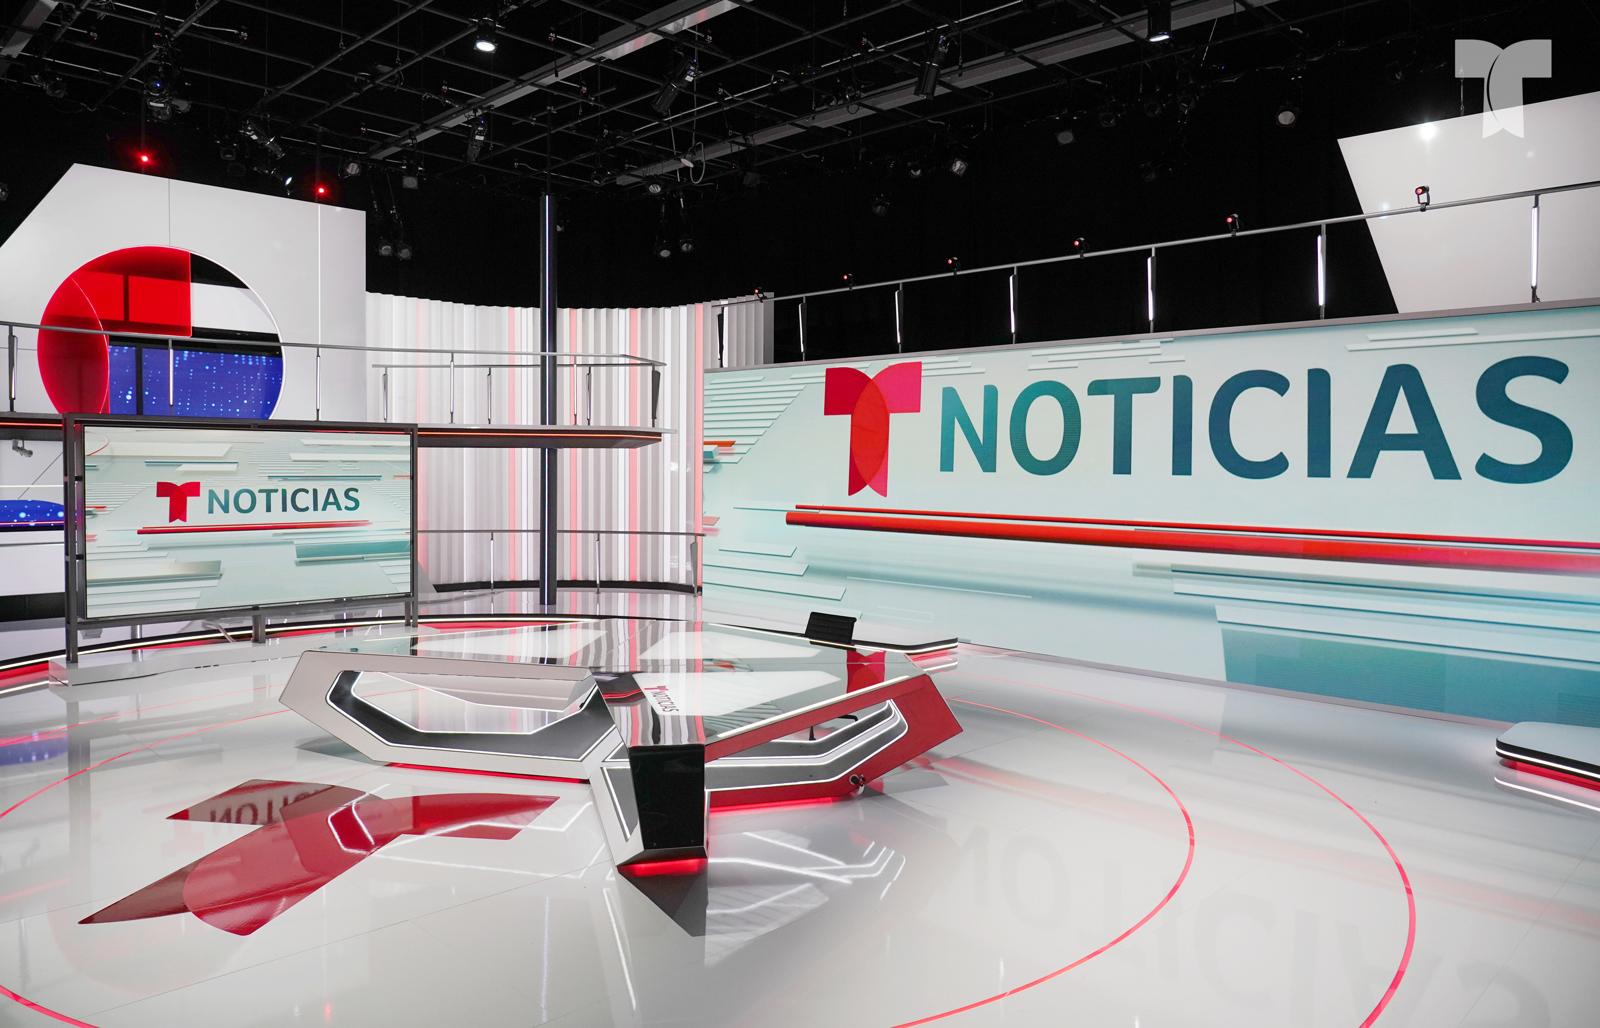 ncs_noticias-telemundo-estudio-miami_0005